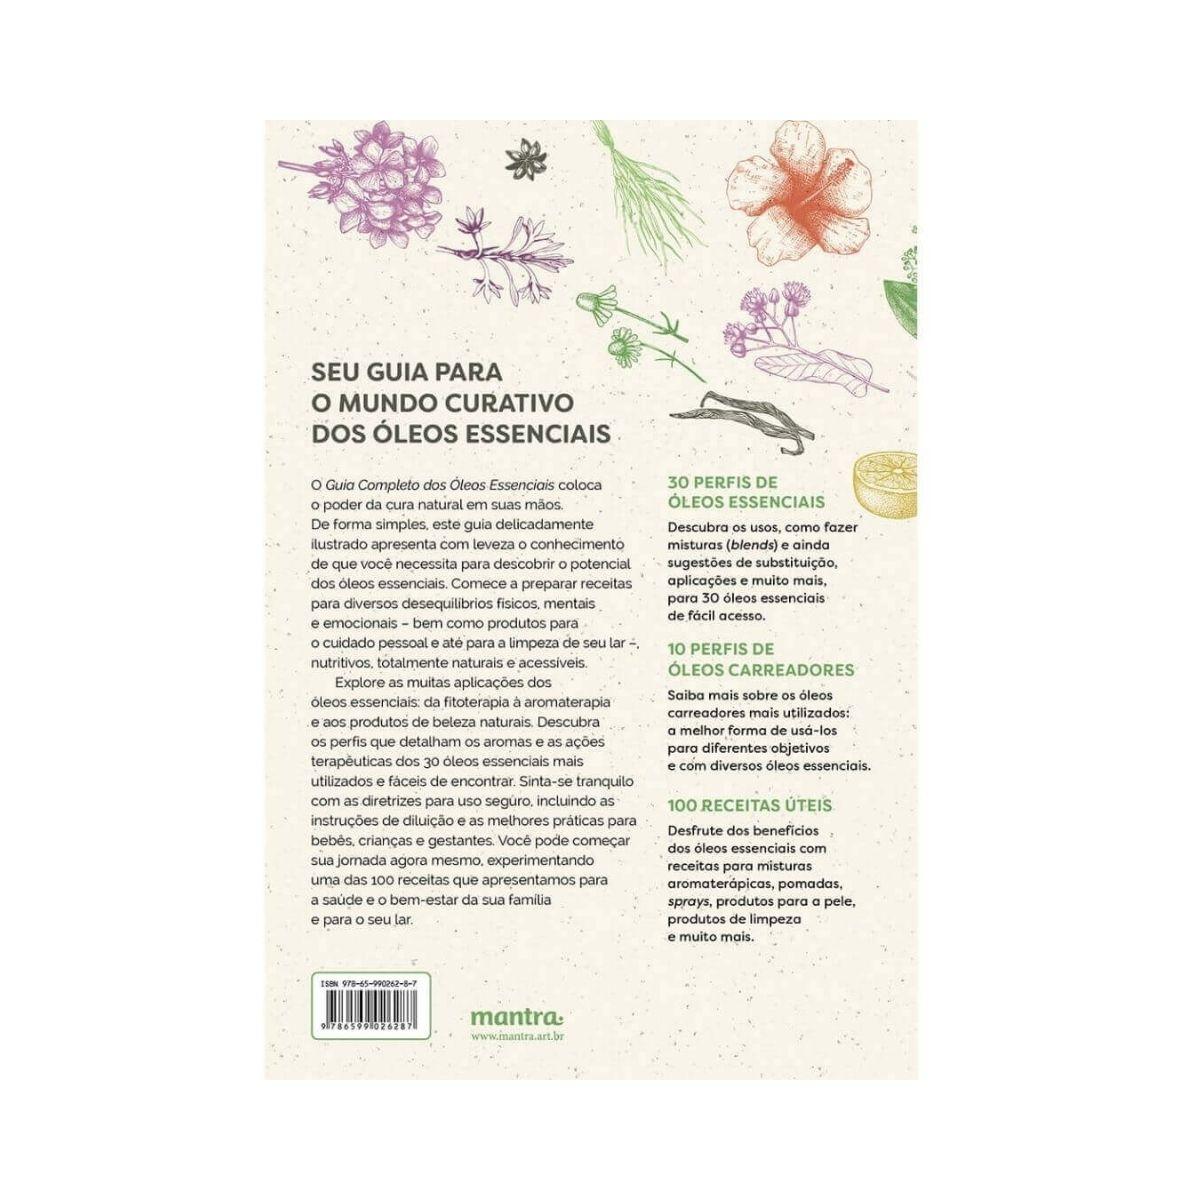 Guia Completo dos Óleos Essenciais: Poder Terapêutico, Saúde, Beleza e Bem-Estar - Christina Anthis